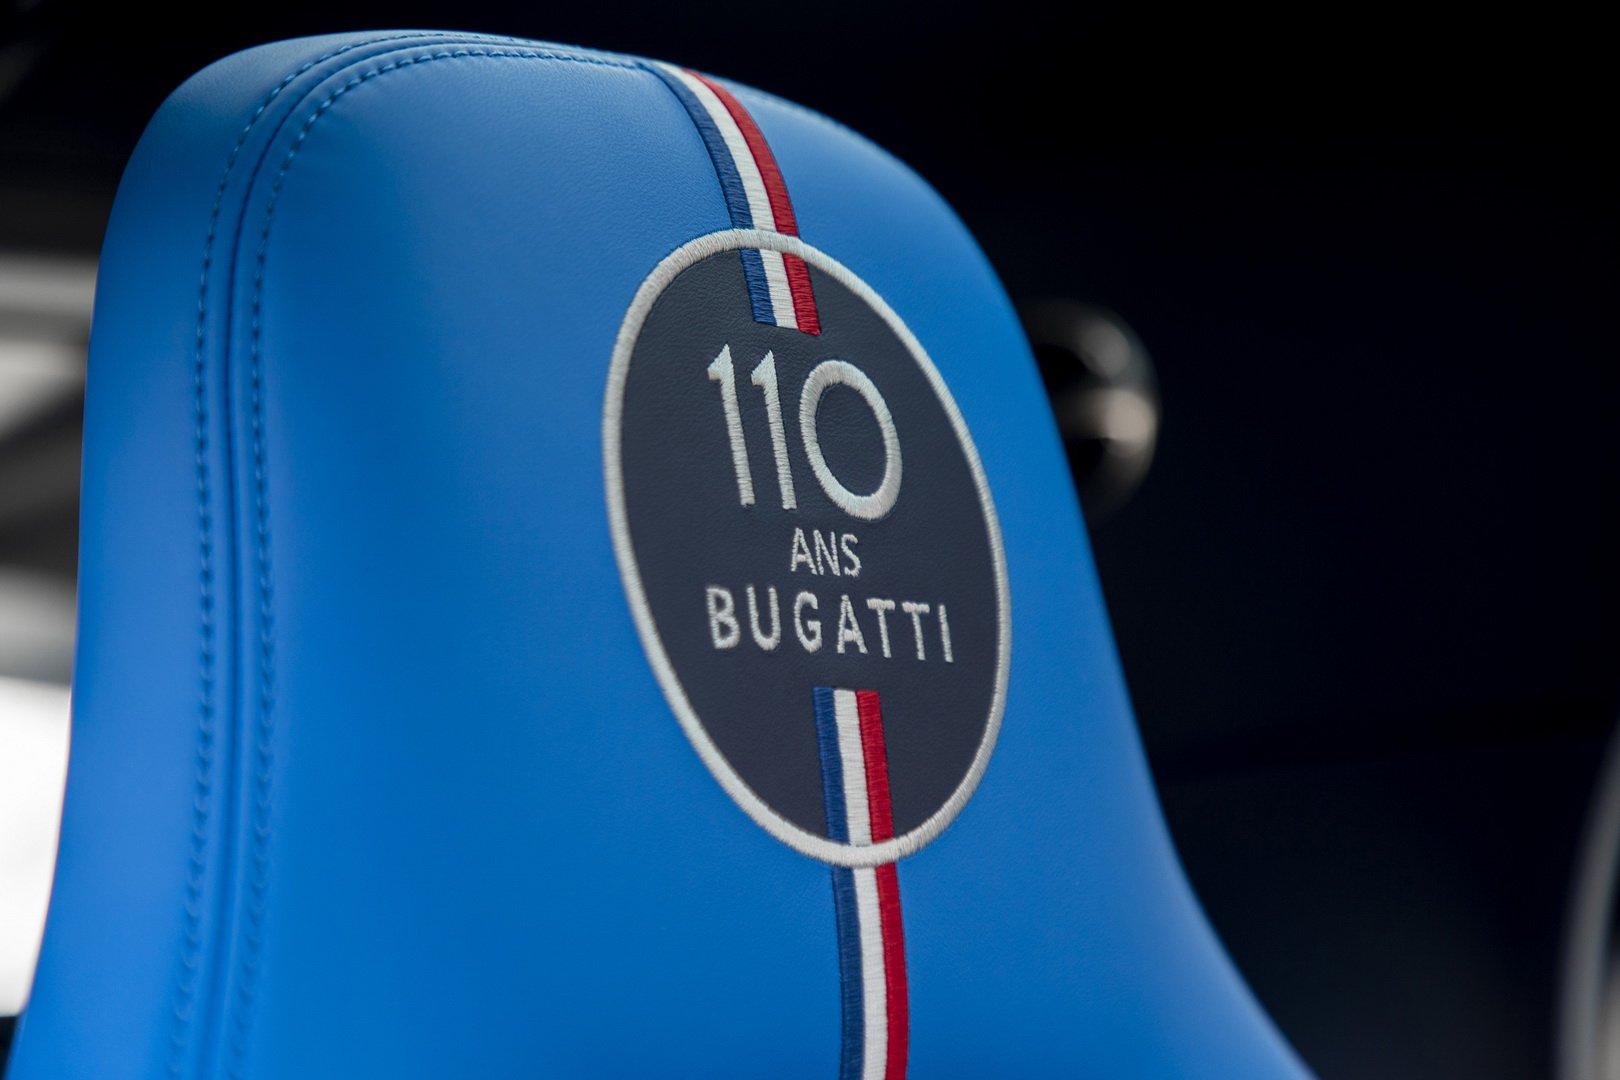 Bugatti_Chiron_Sport_110_Ans_0004